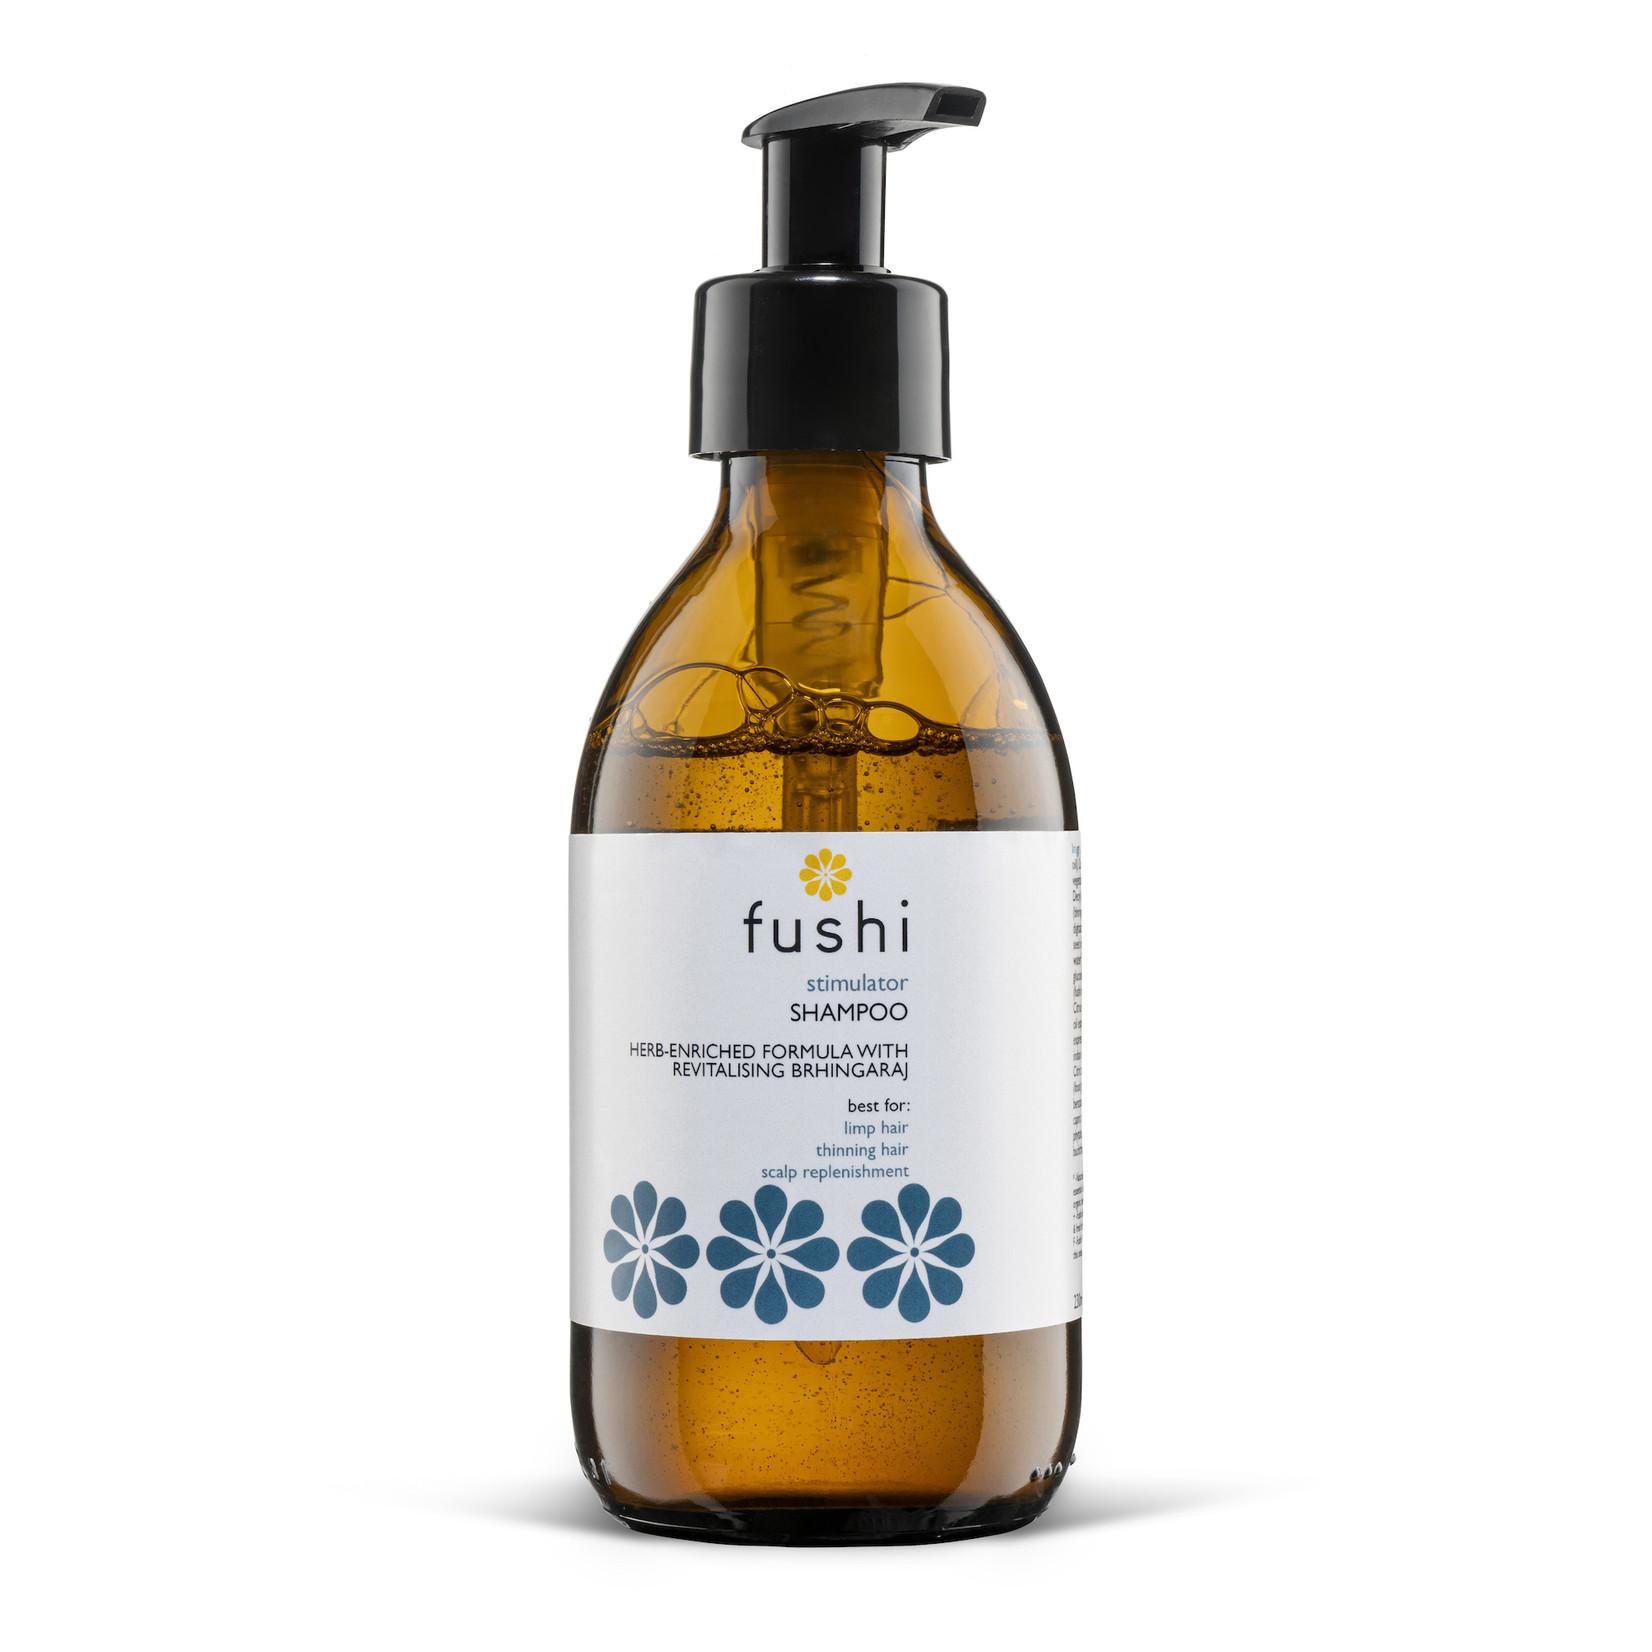 Fushi FUSHI - Stimulator Herbal Shampoo - 230ml & 470ml